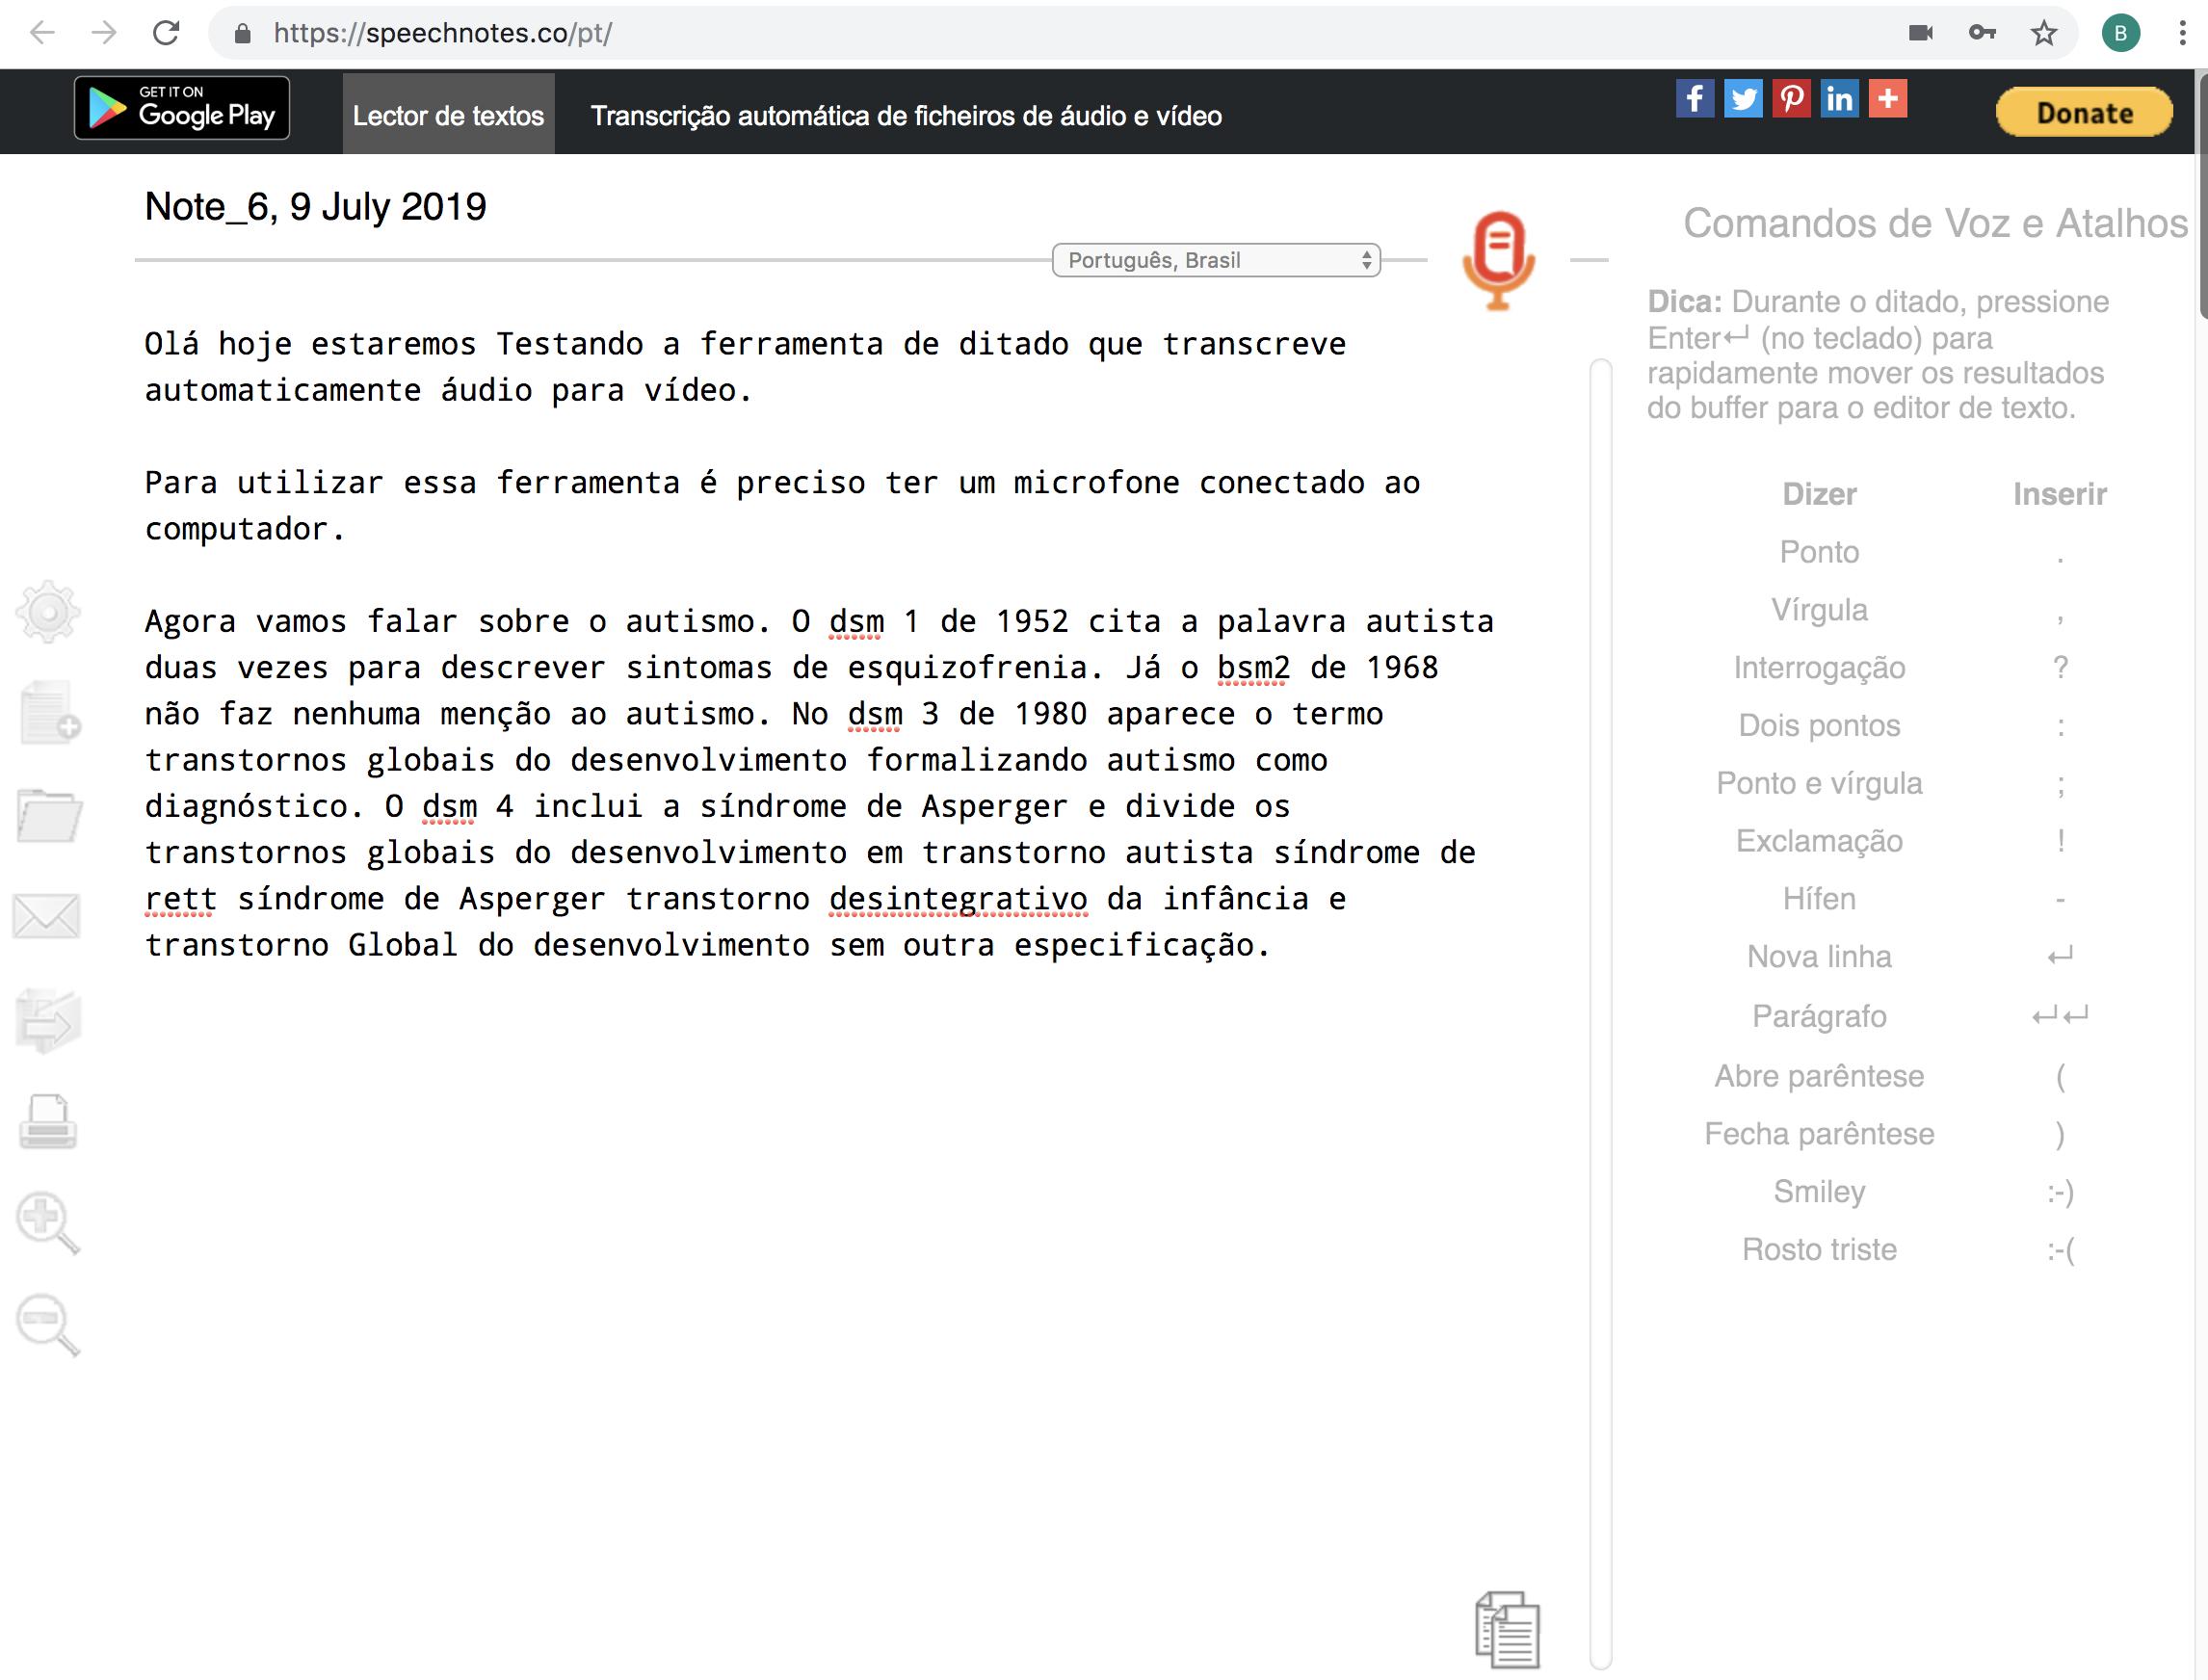 Interface da ferramenta SpeechNotes contendo texto ditado na caixa de texto